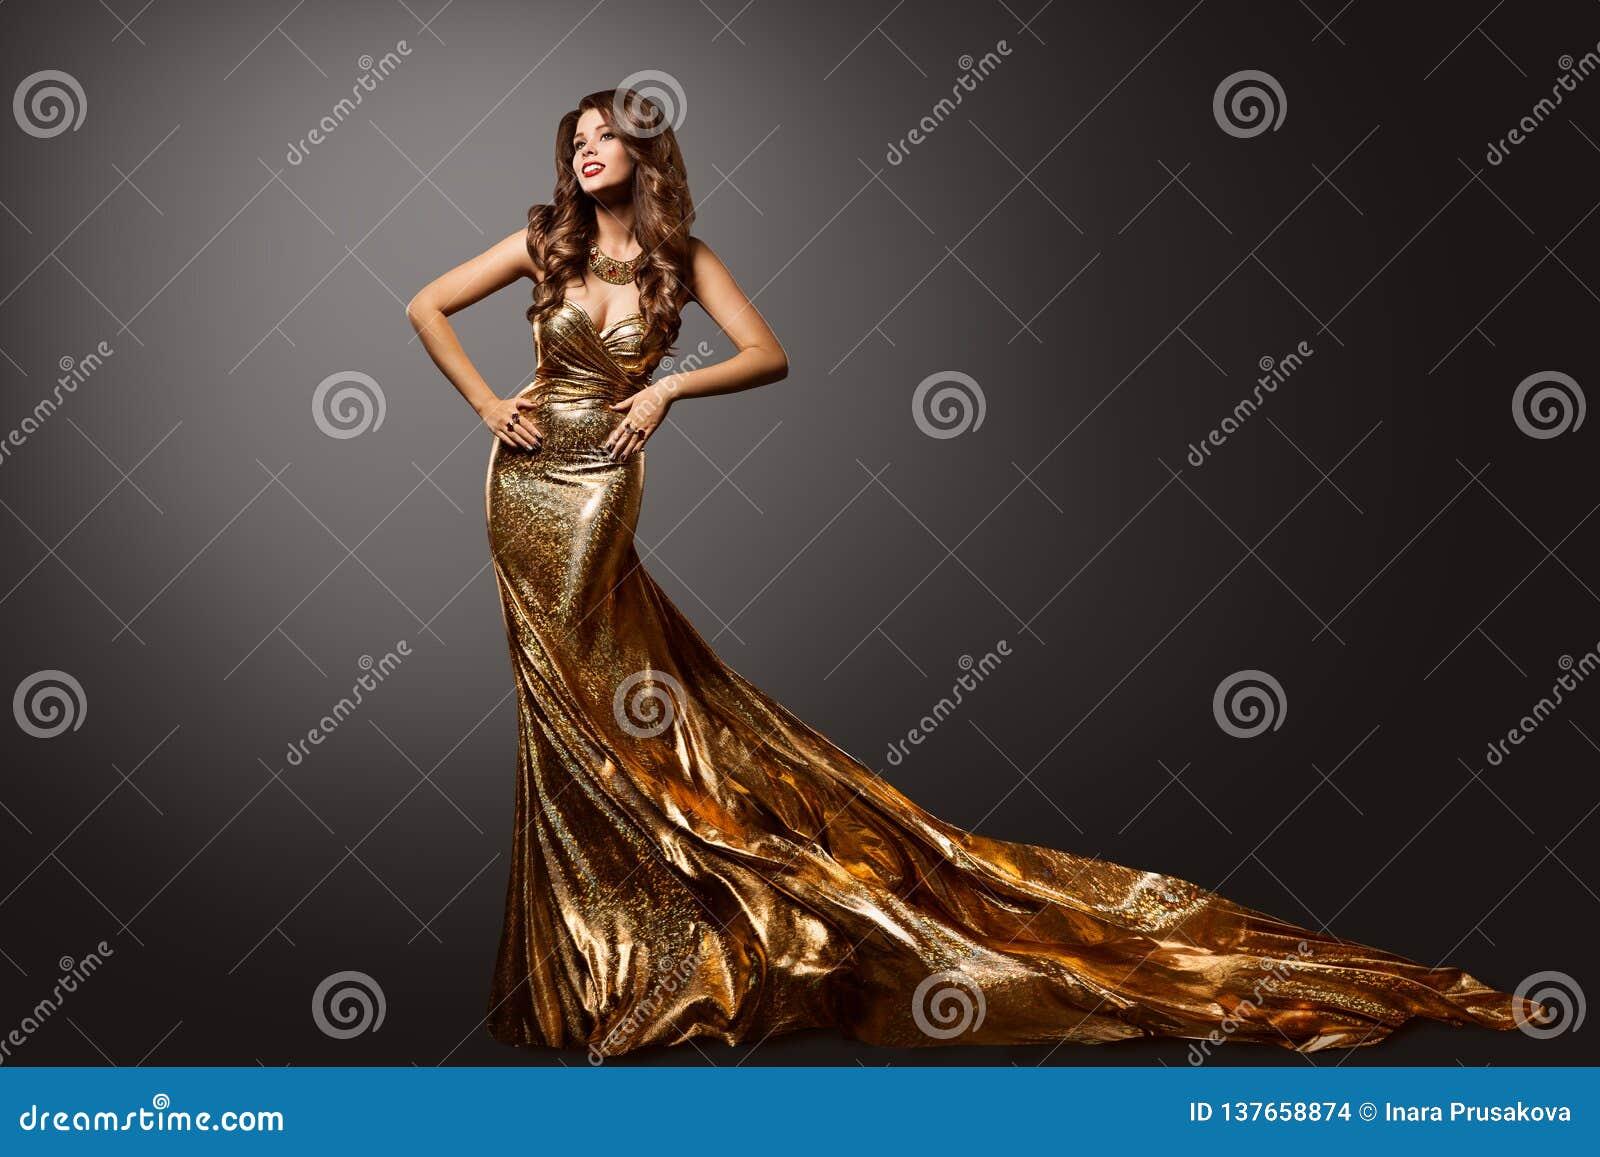 Платье золота женщины, мантия фотомодели с поездом длинного хвоста, портретом красоты